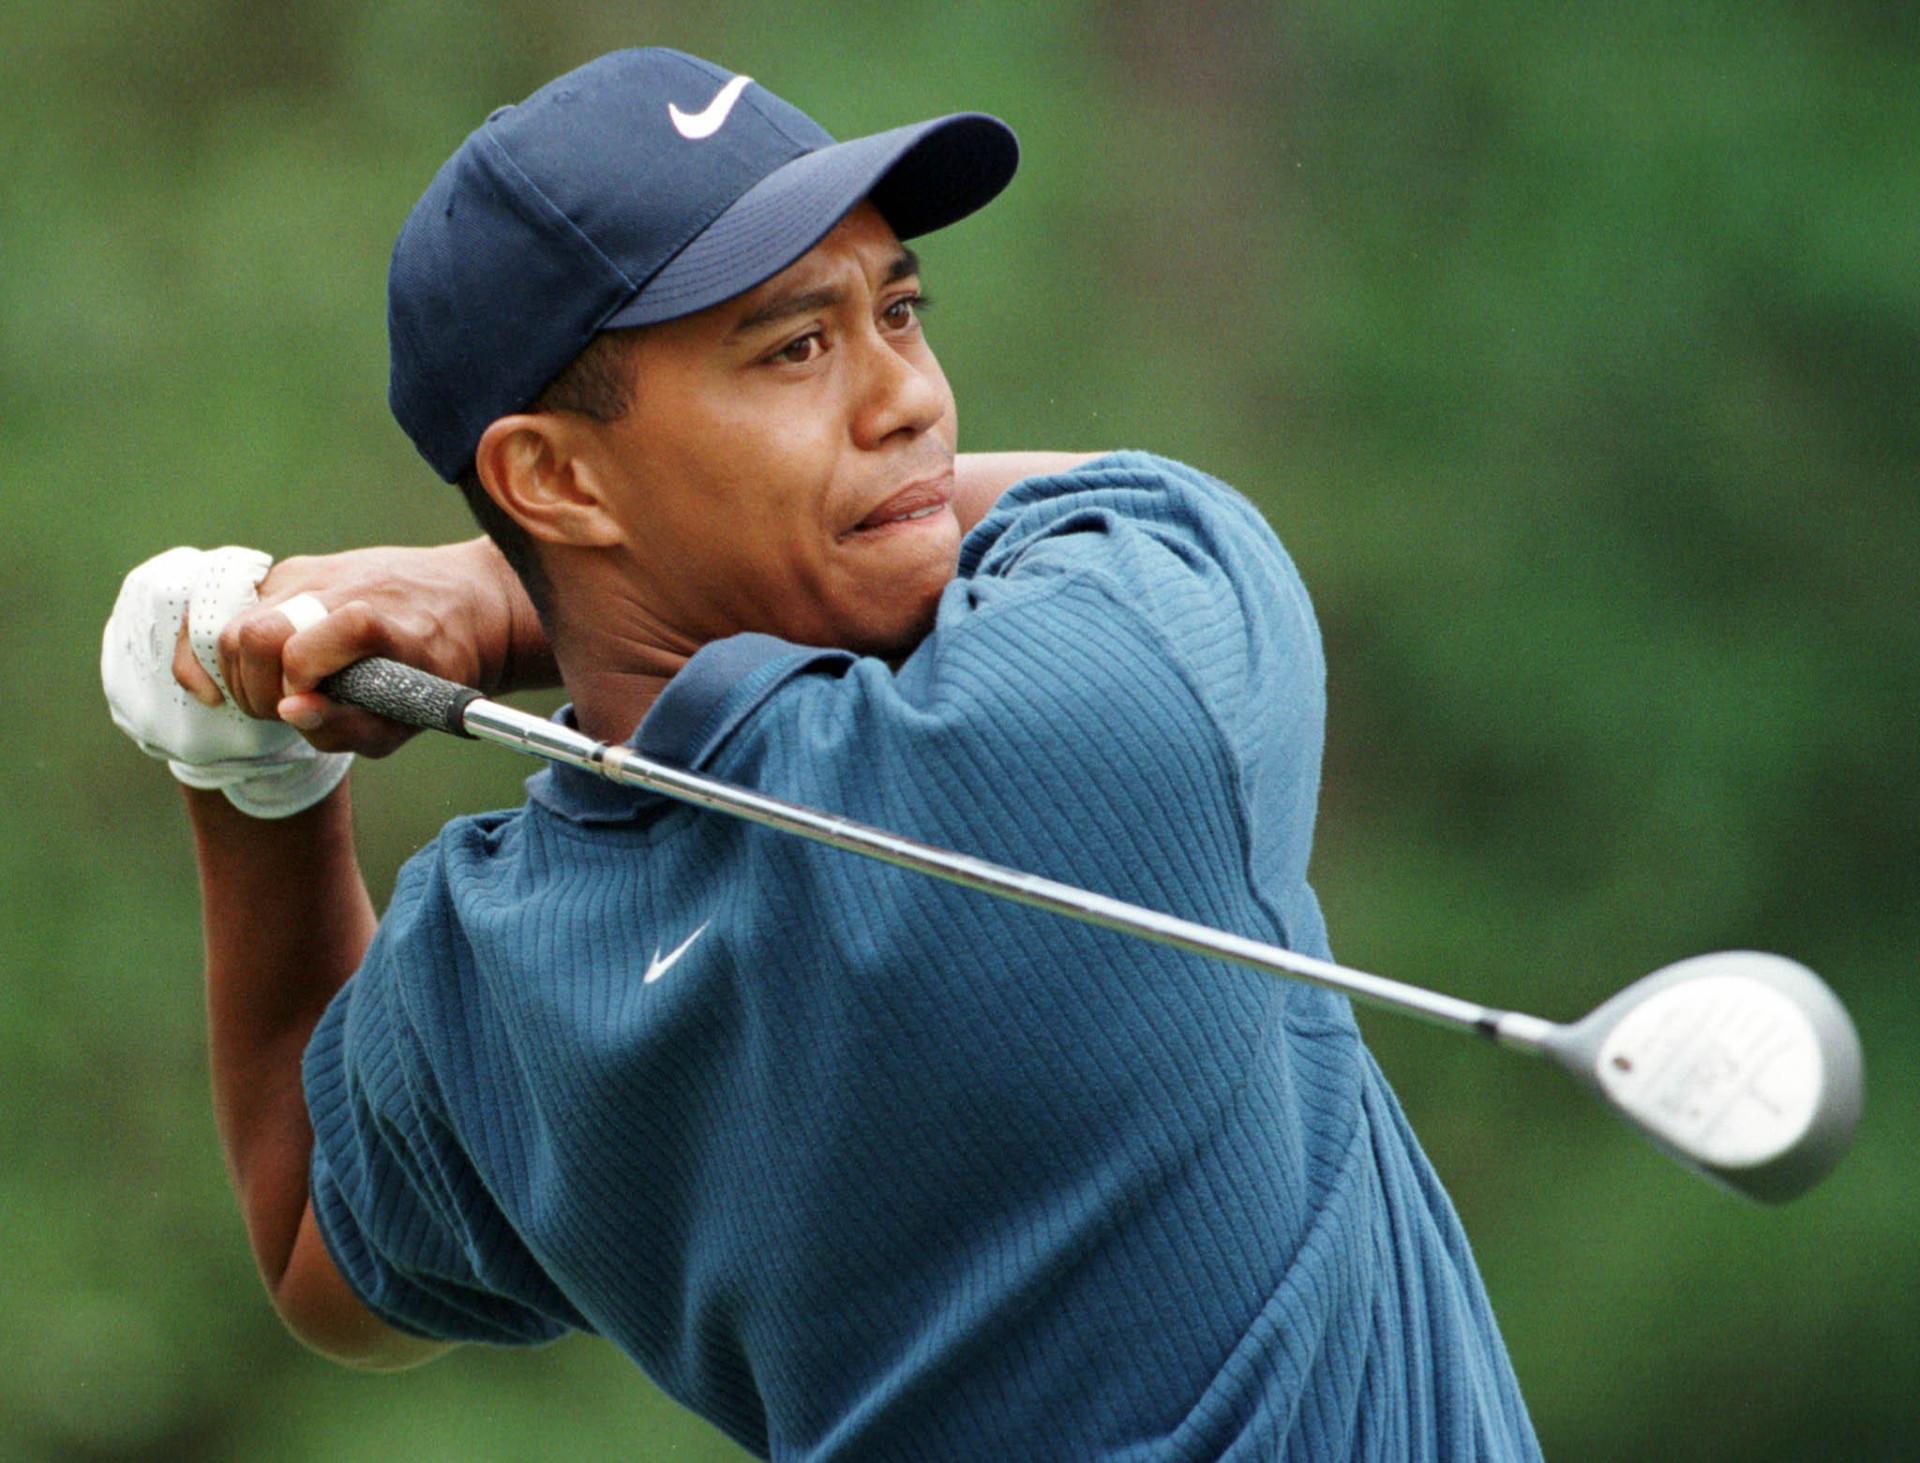 De uitverkorene: het turbulente leven van Tiger Woods